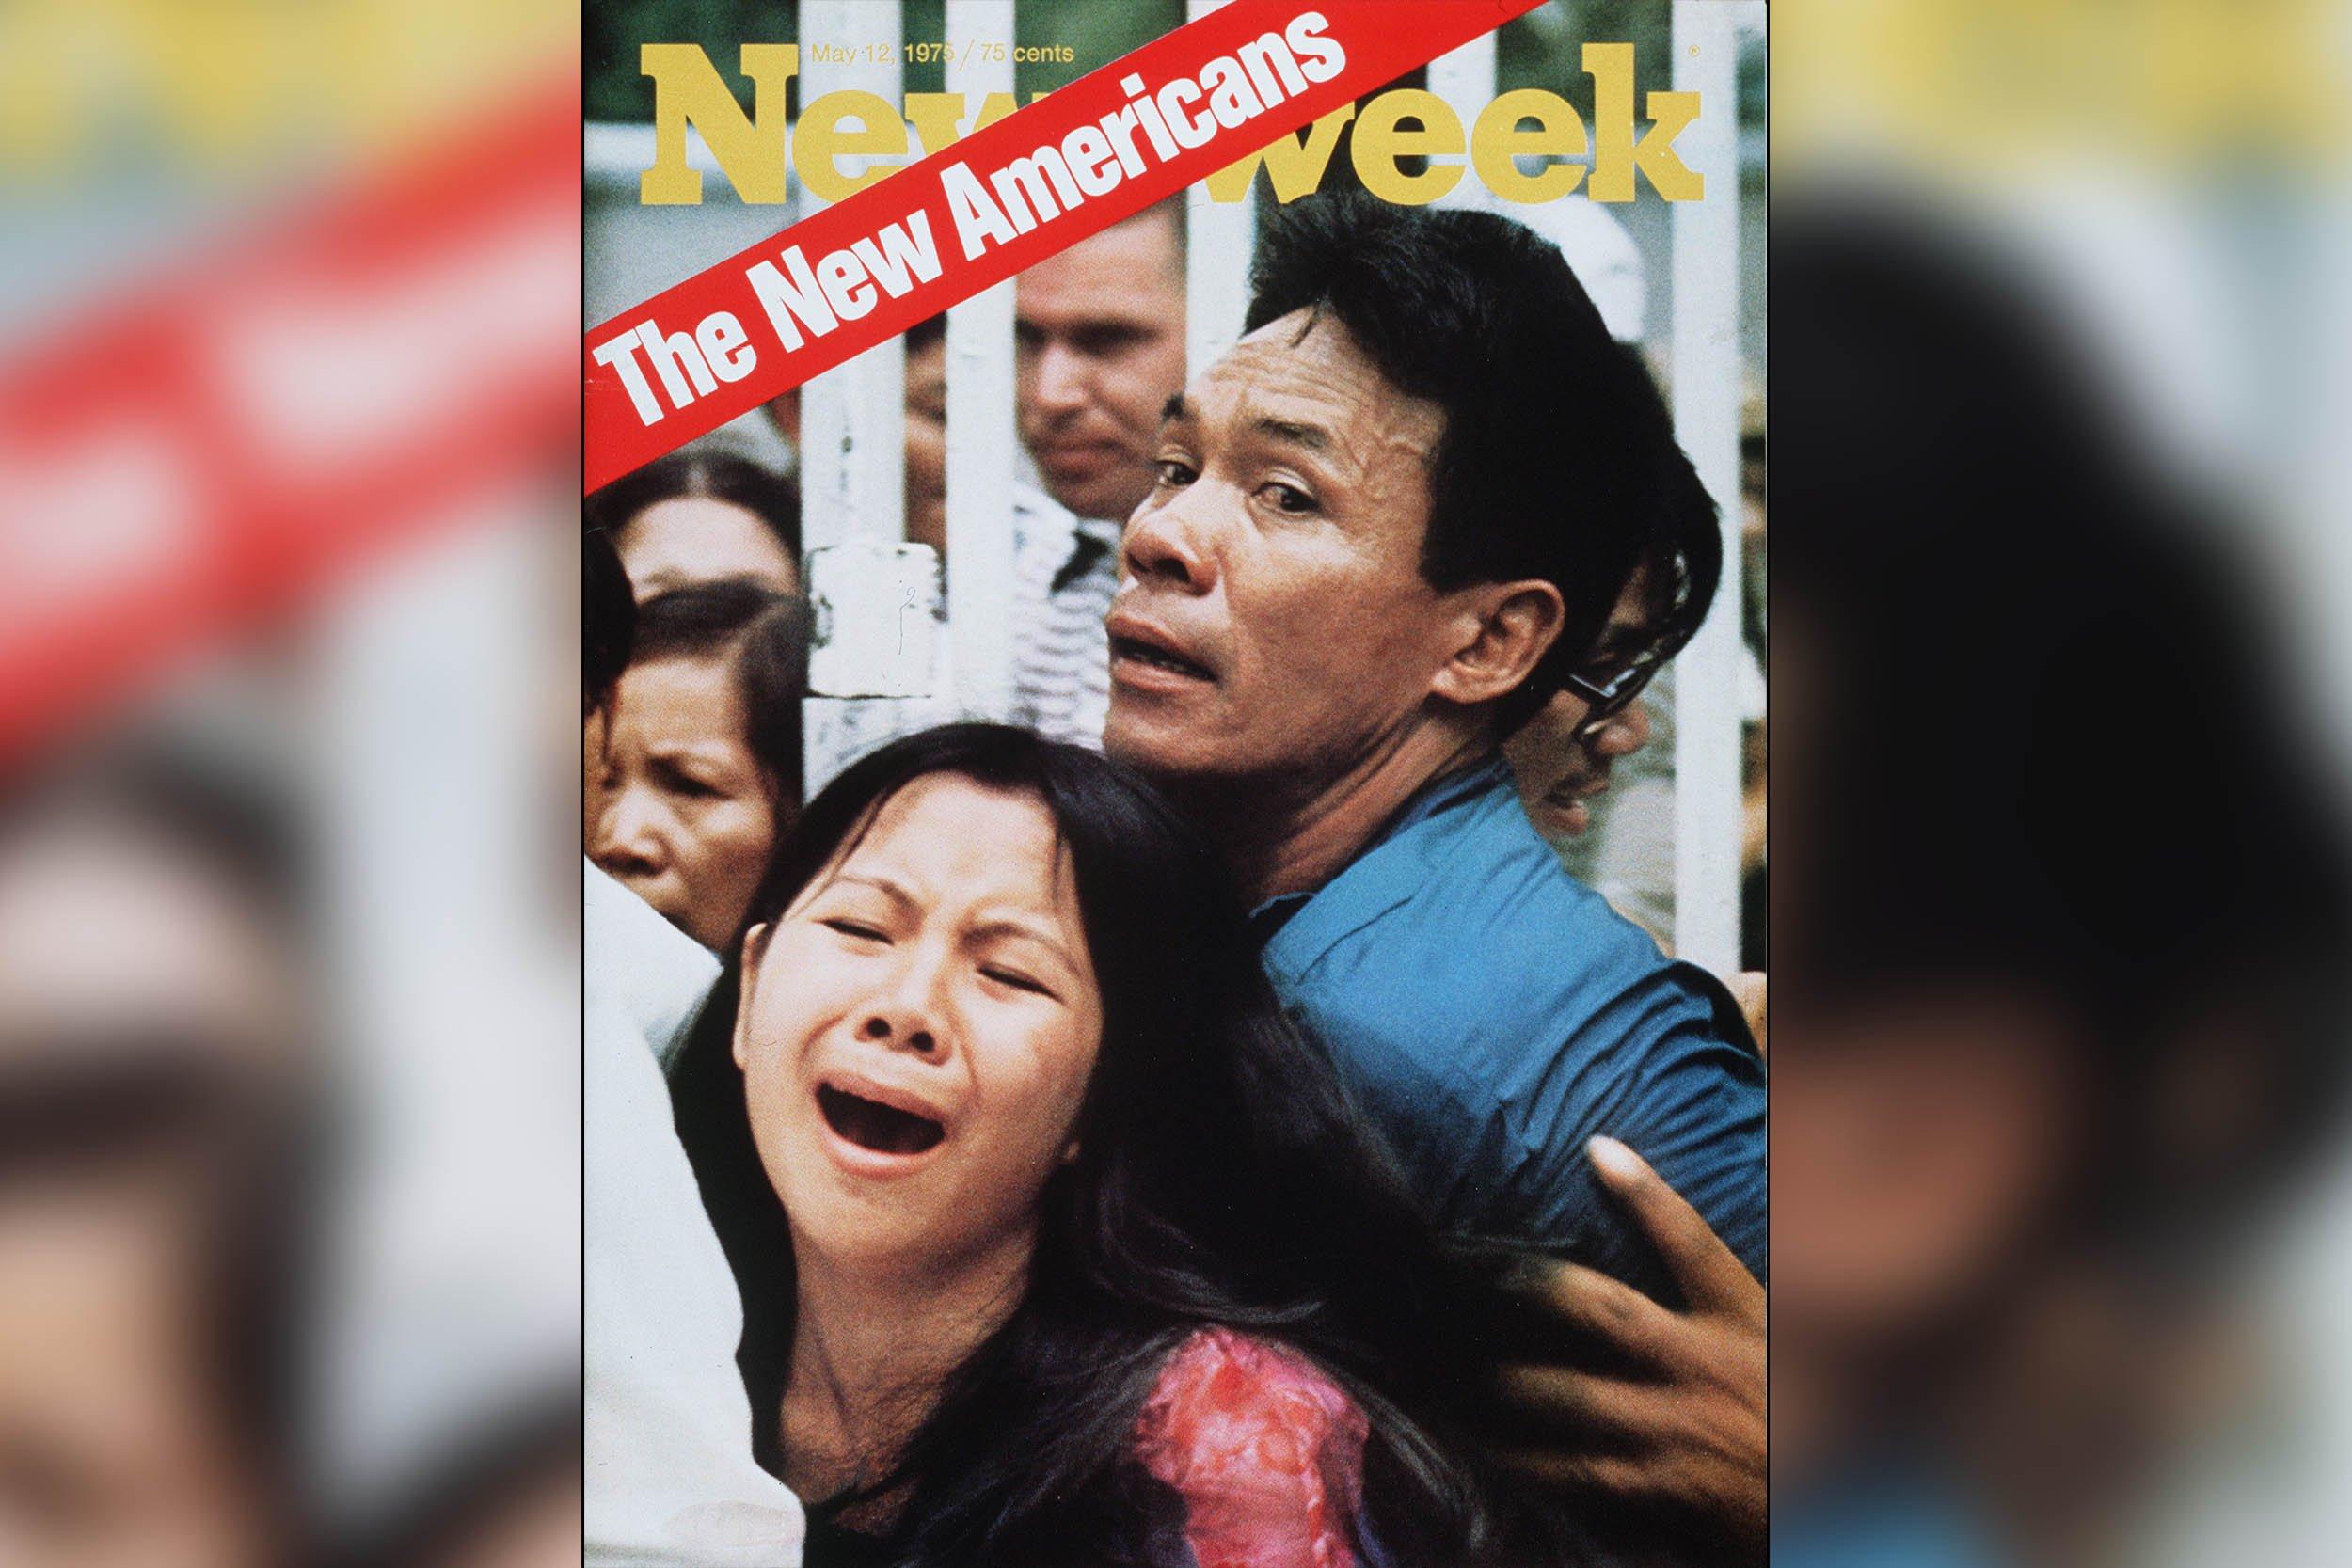 04_09_NewsweekSaigon_02